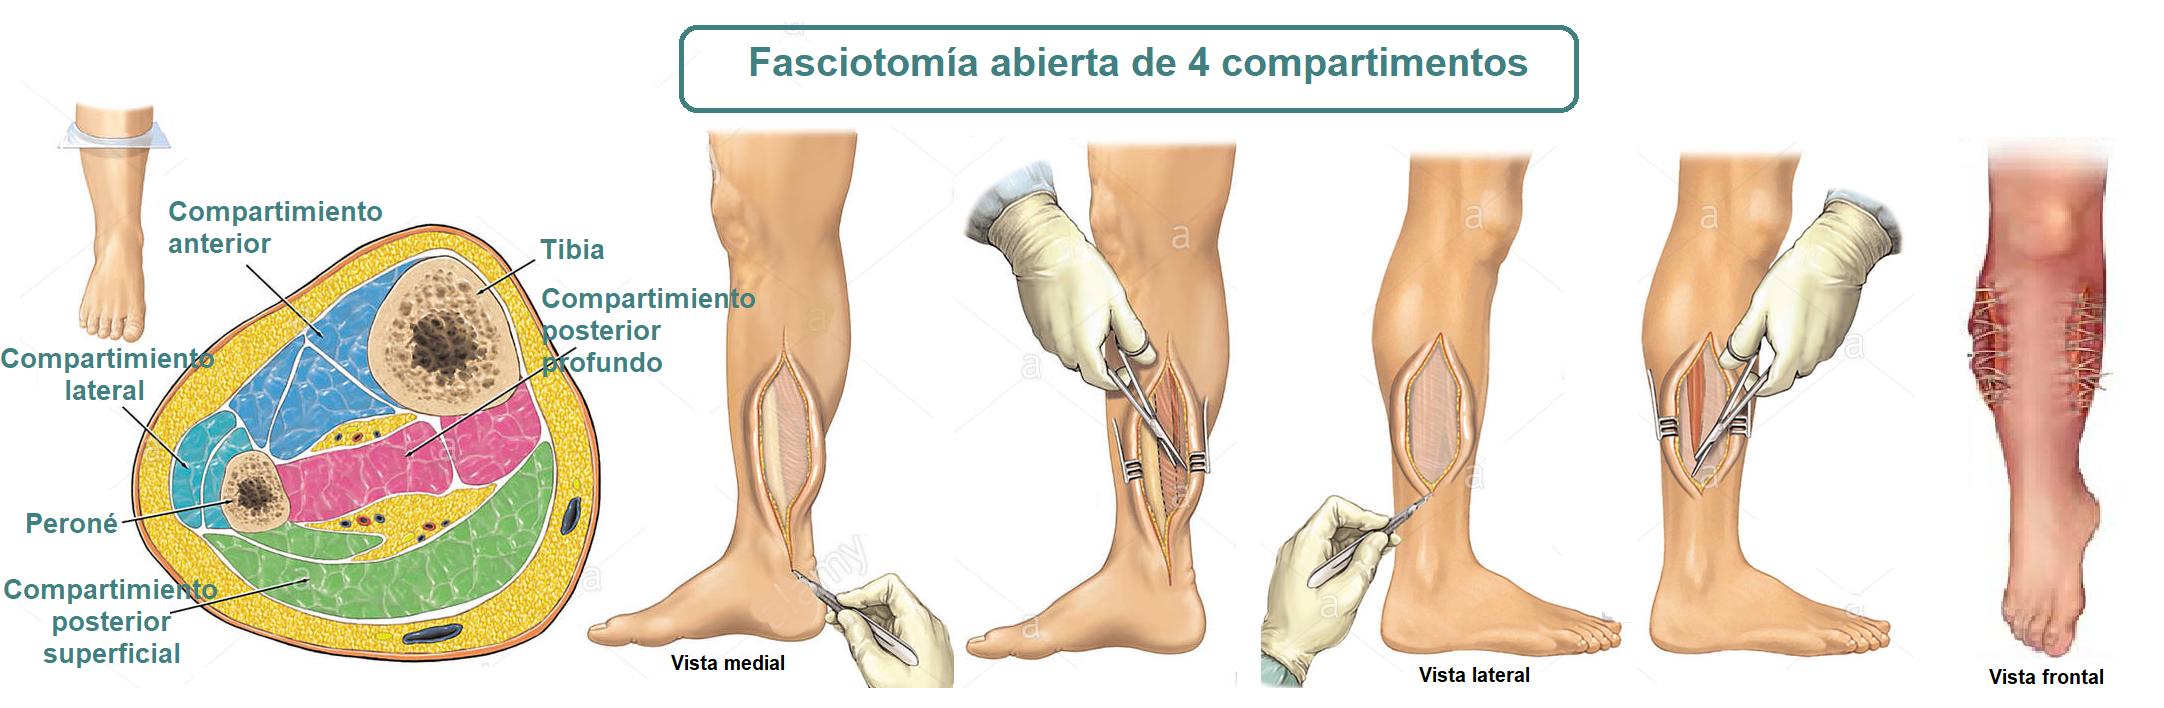 Fasciotomia